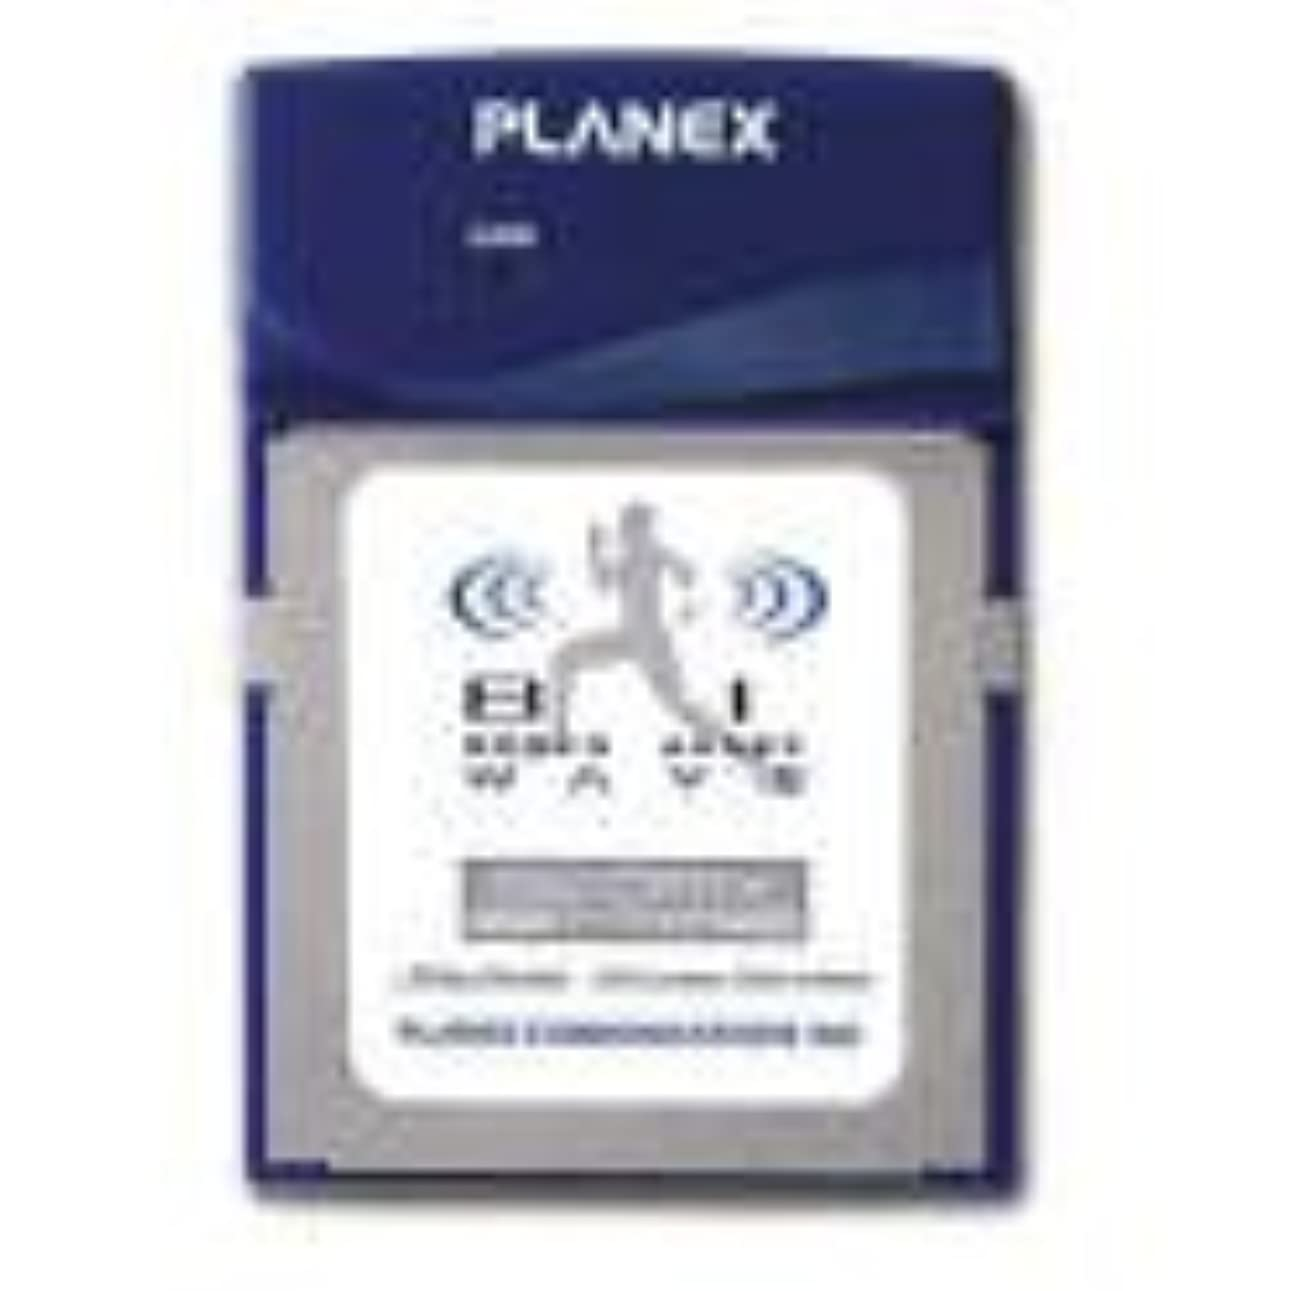 セットアップ暴力バーガープラネックス GW-CF11X 11Mbps コンパクトフラッシュ型無線LANアダプタ